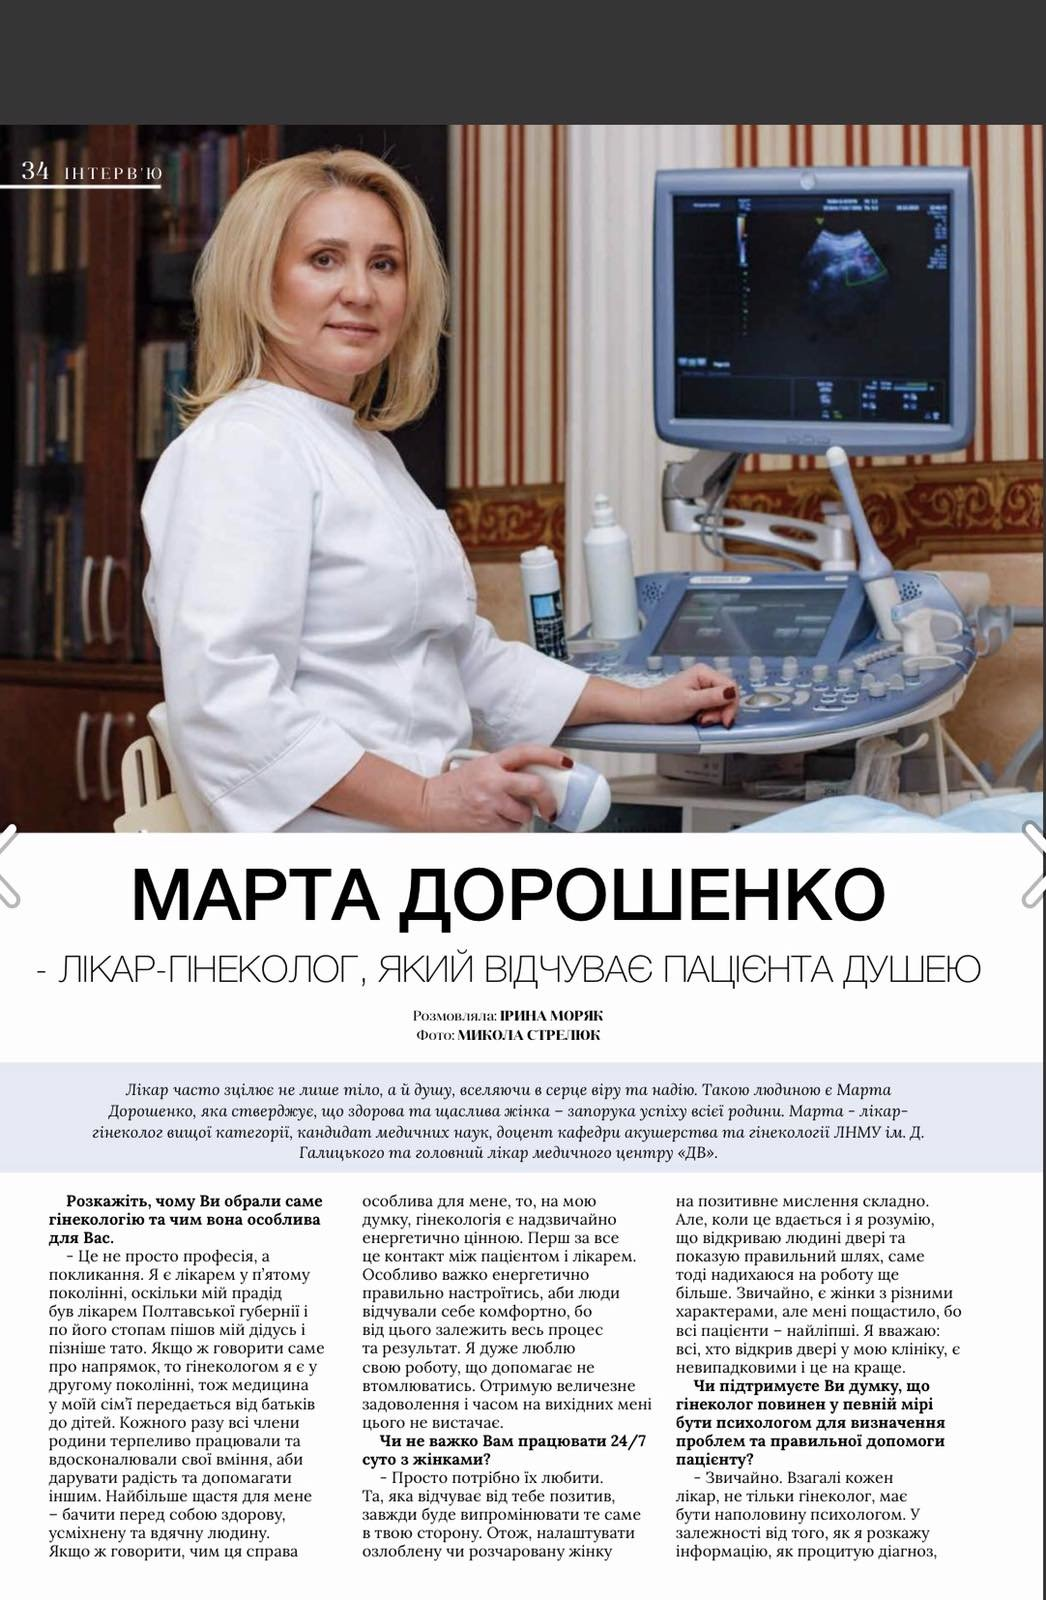 Приватні клініки та медичні центри Львова, фото-42